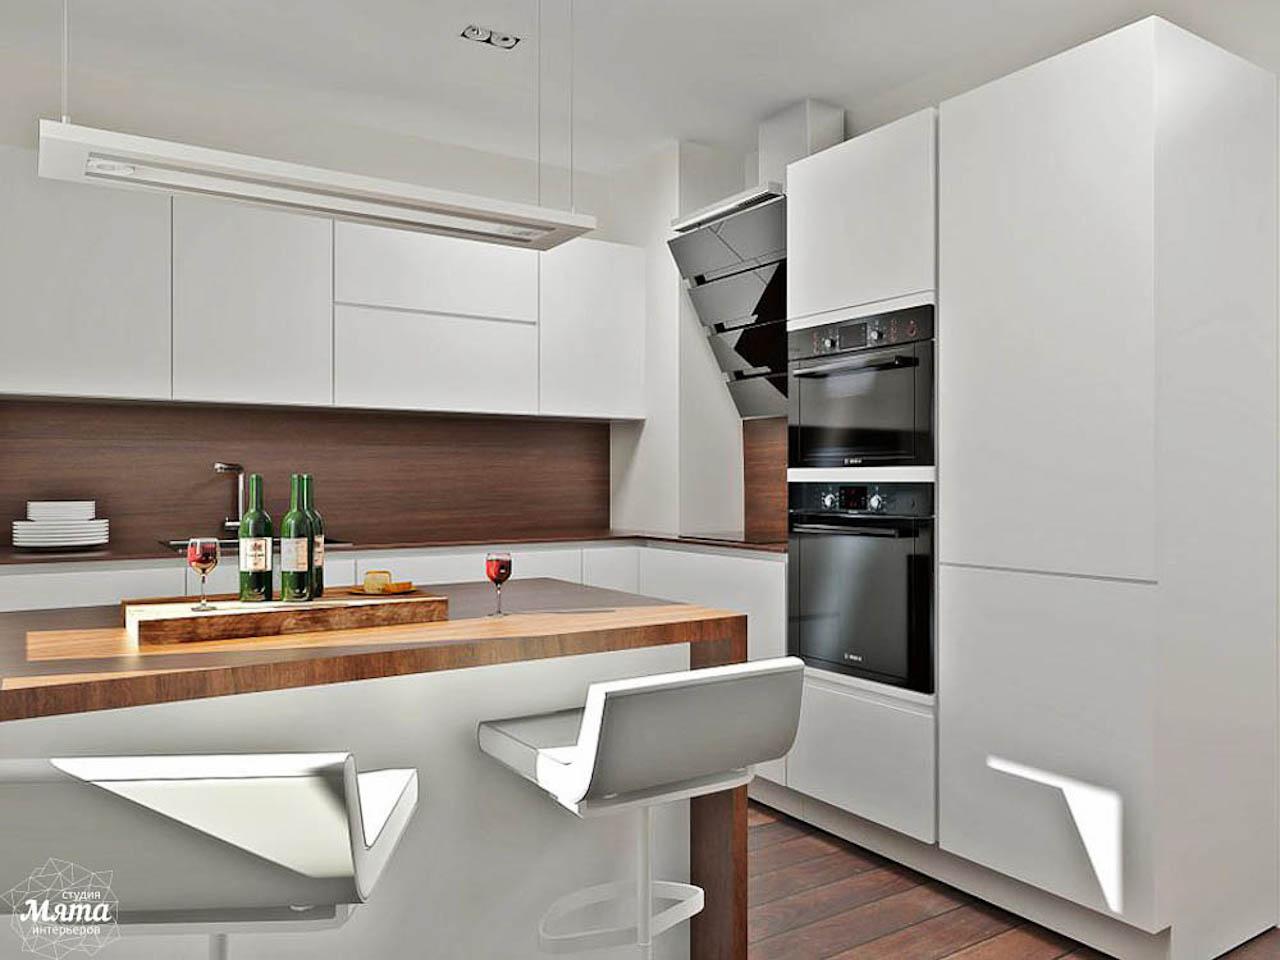 Дизайн интерьера однокомнатной квартиры в стиле хай тек по ул. Щербакова 35 img312193672